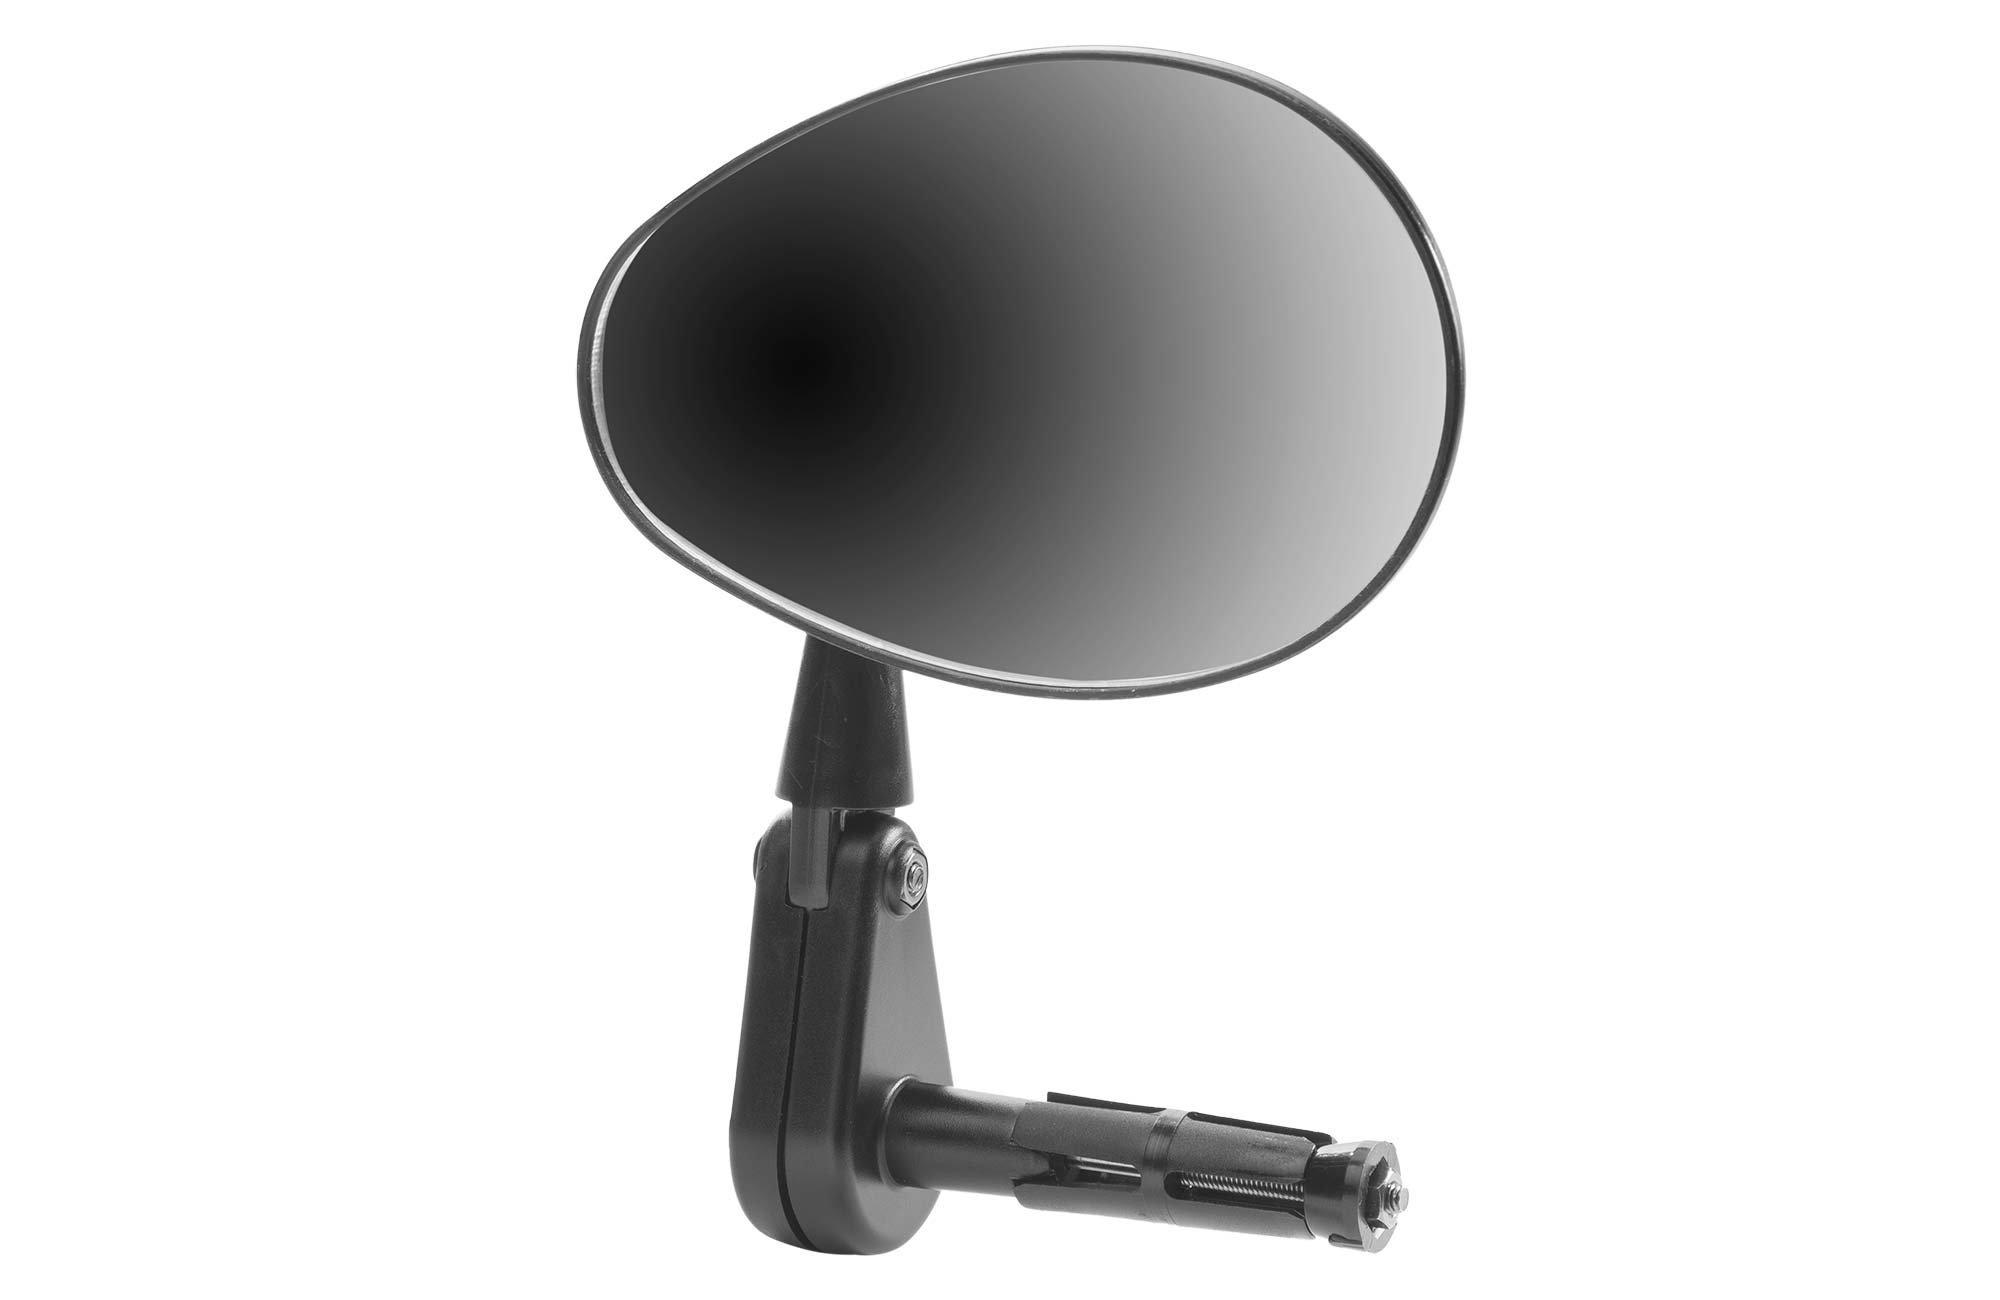 Купить Зеркало заднего вида JY-9 в интернет магазине велосипедов. Выбрать велосипед. Цены, фото, отзывы